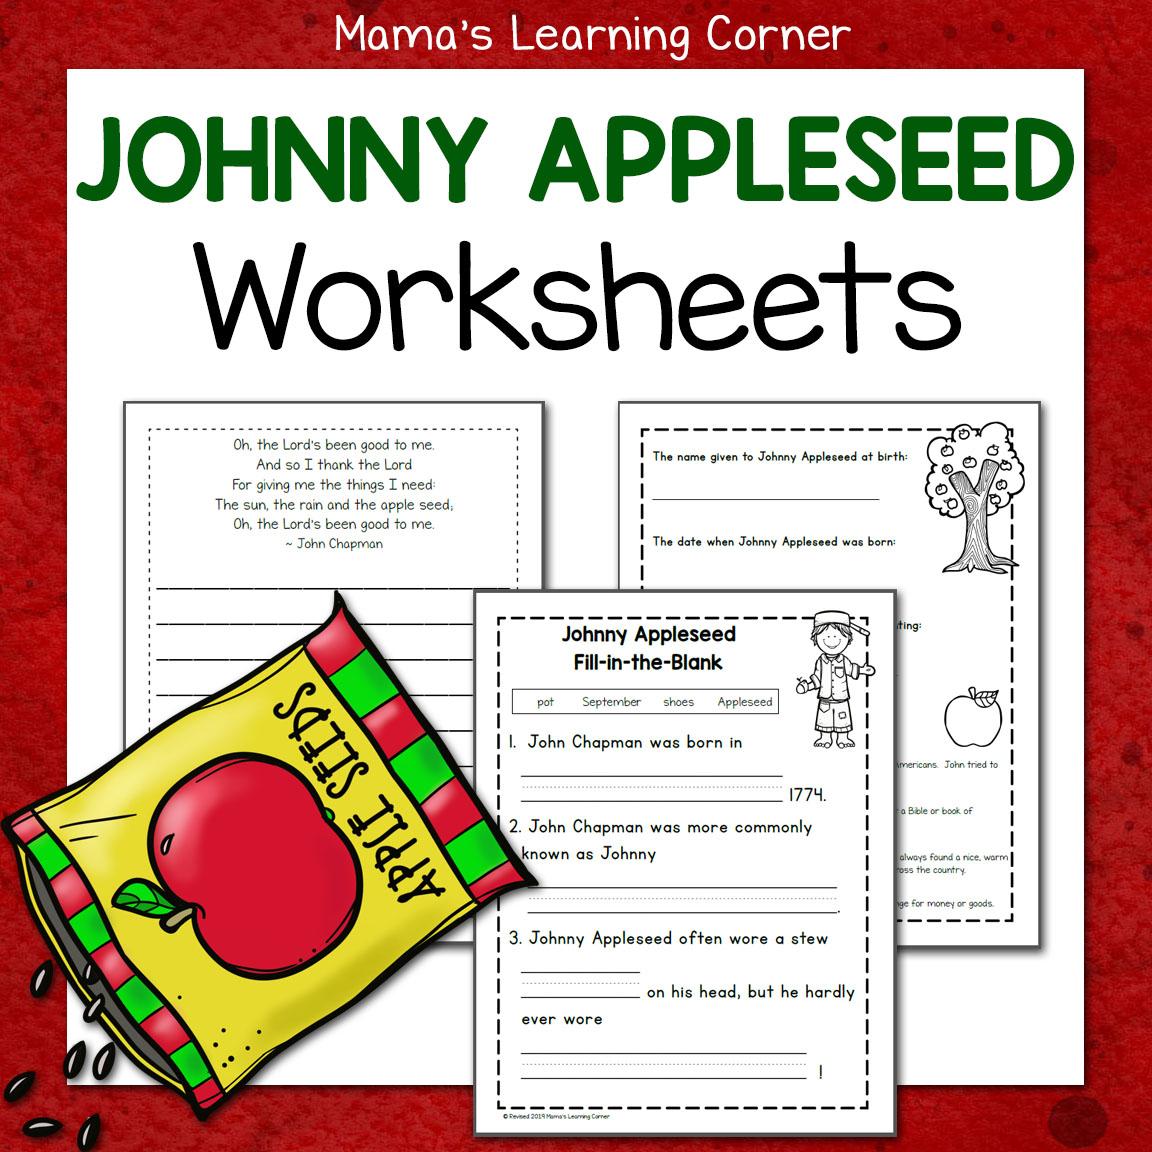 Worksheet Johnny Appleseed Printable